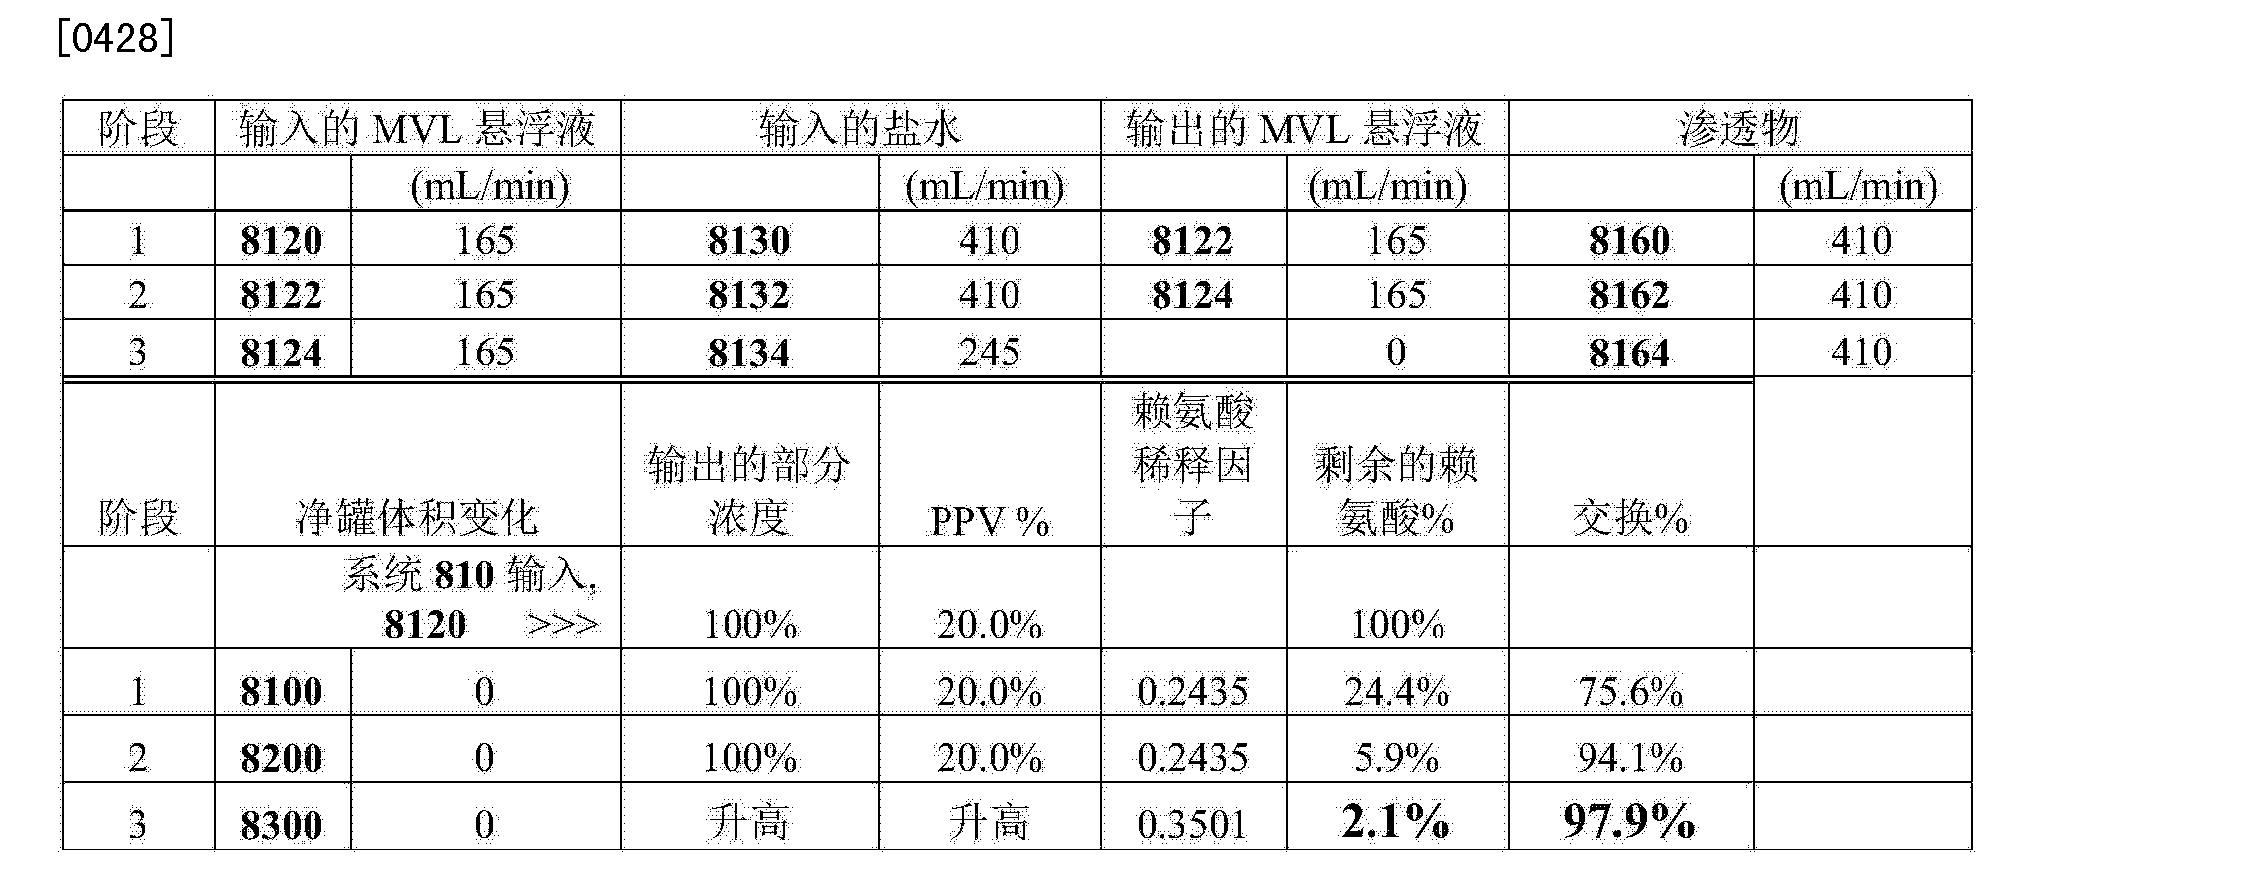 CN104959052A - Method for formulating large diameter